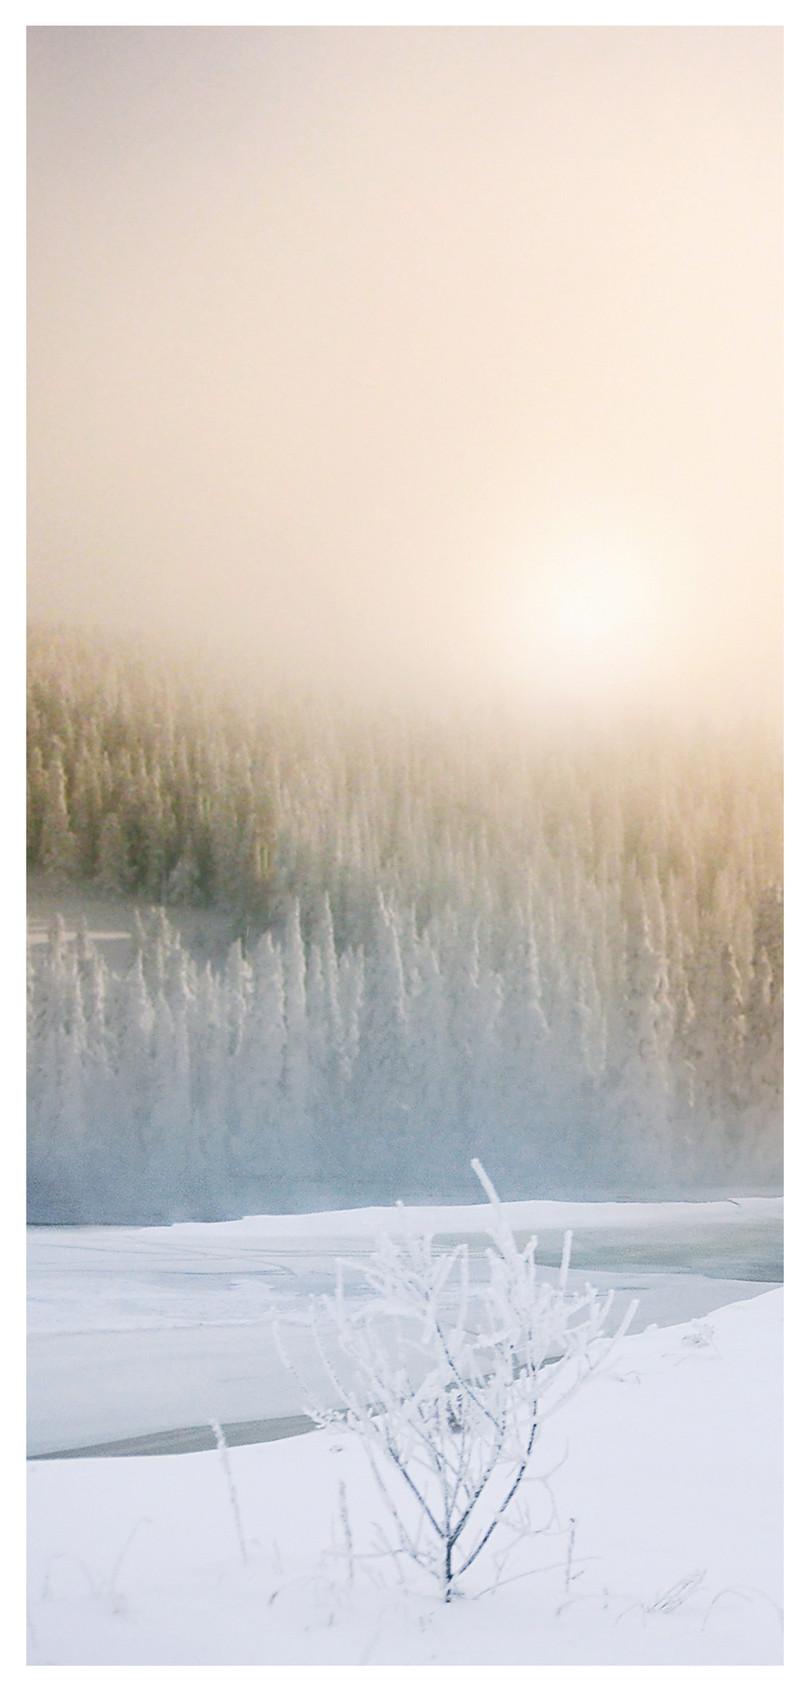 美しい冬の携帯壁紙イメージ 背景 Id 400855203 Prf画像フォーマット